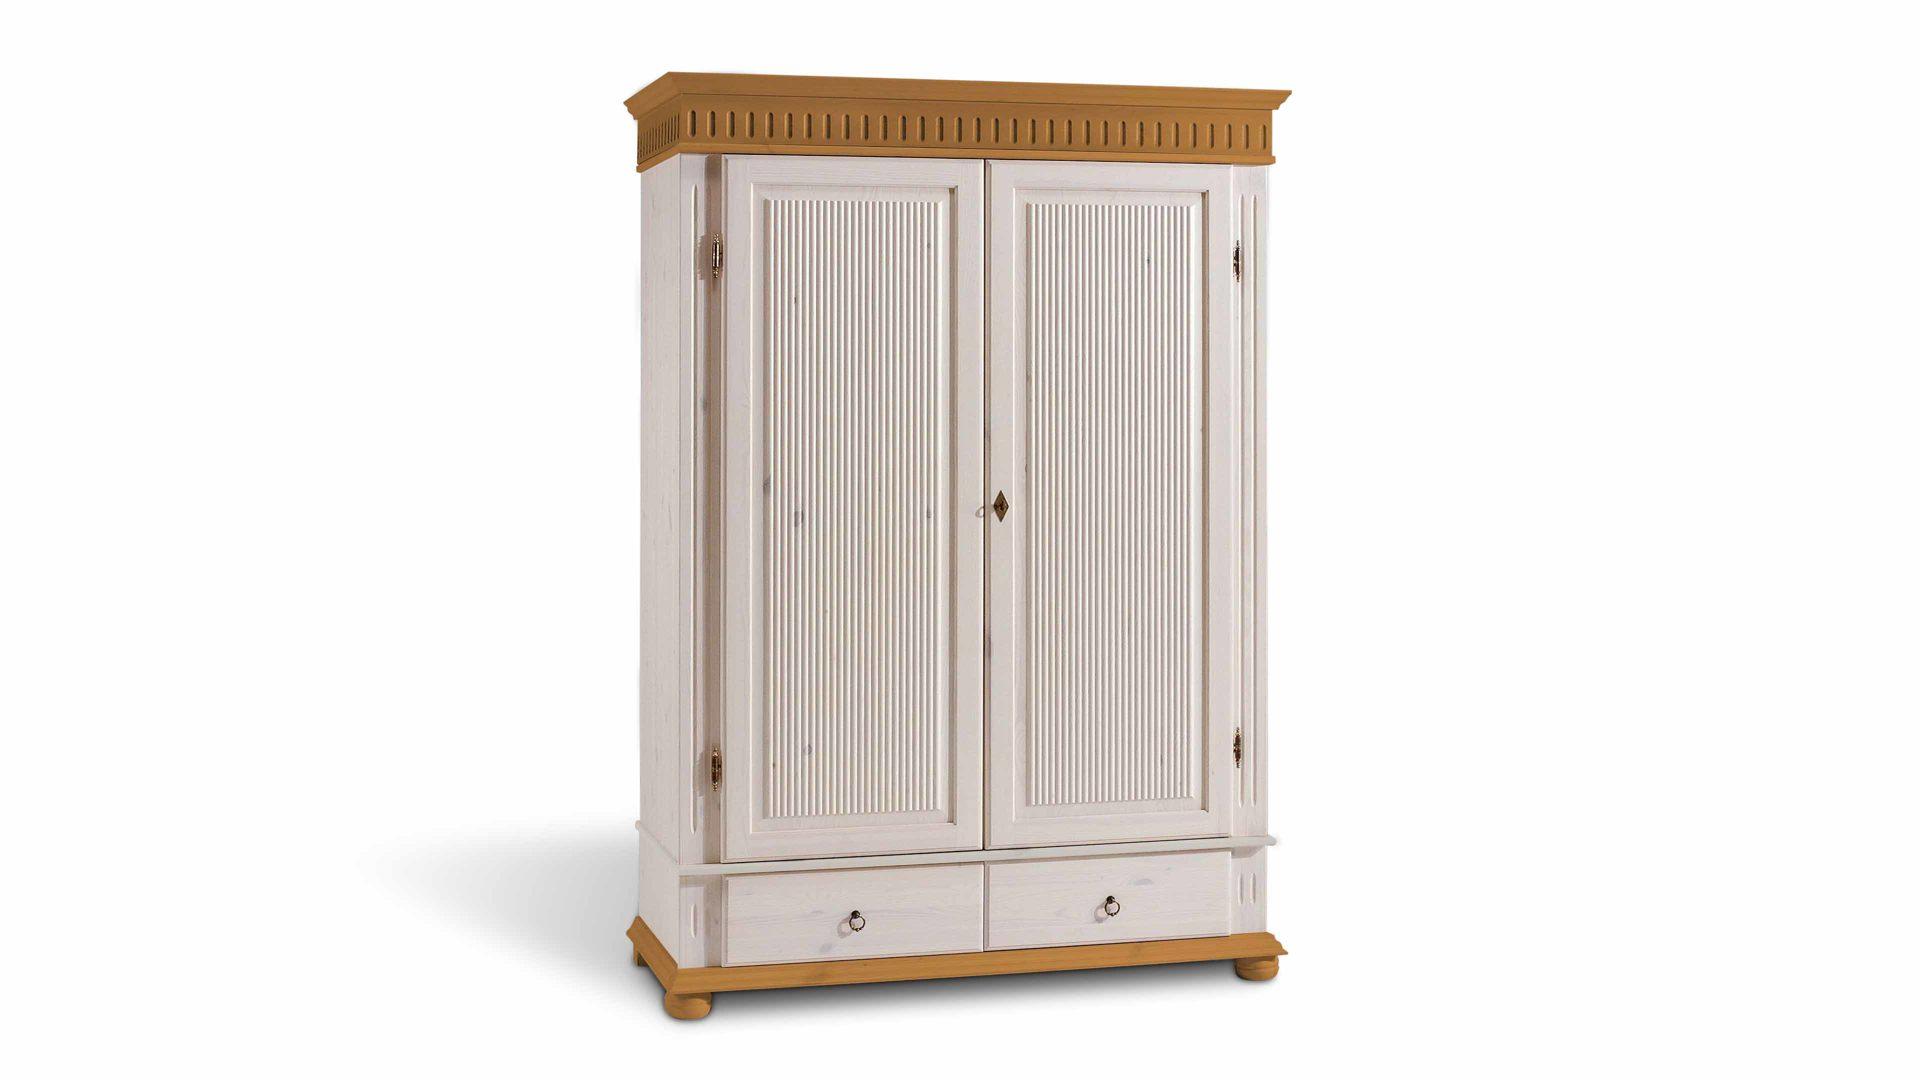 Kleiderschrank holz modern  Kleiderschrank für modern eingerichtete Schlafzimmer, weiß ...